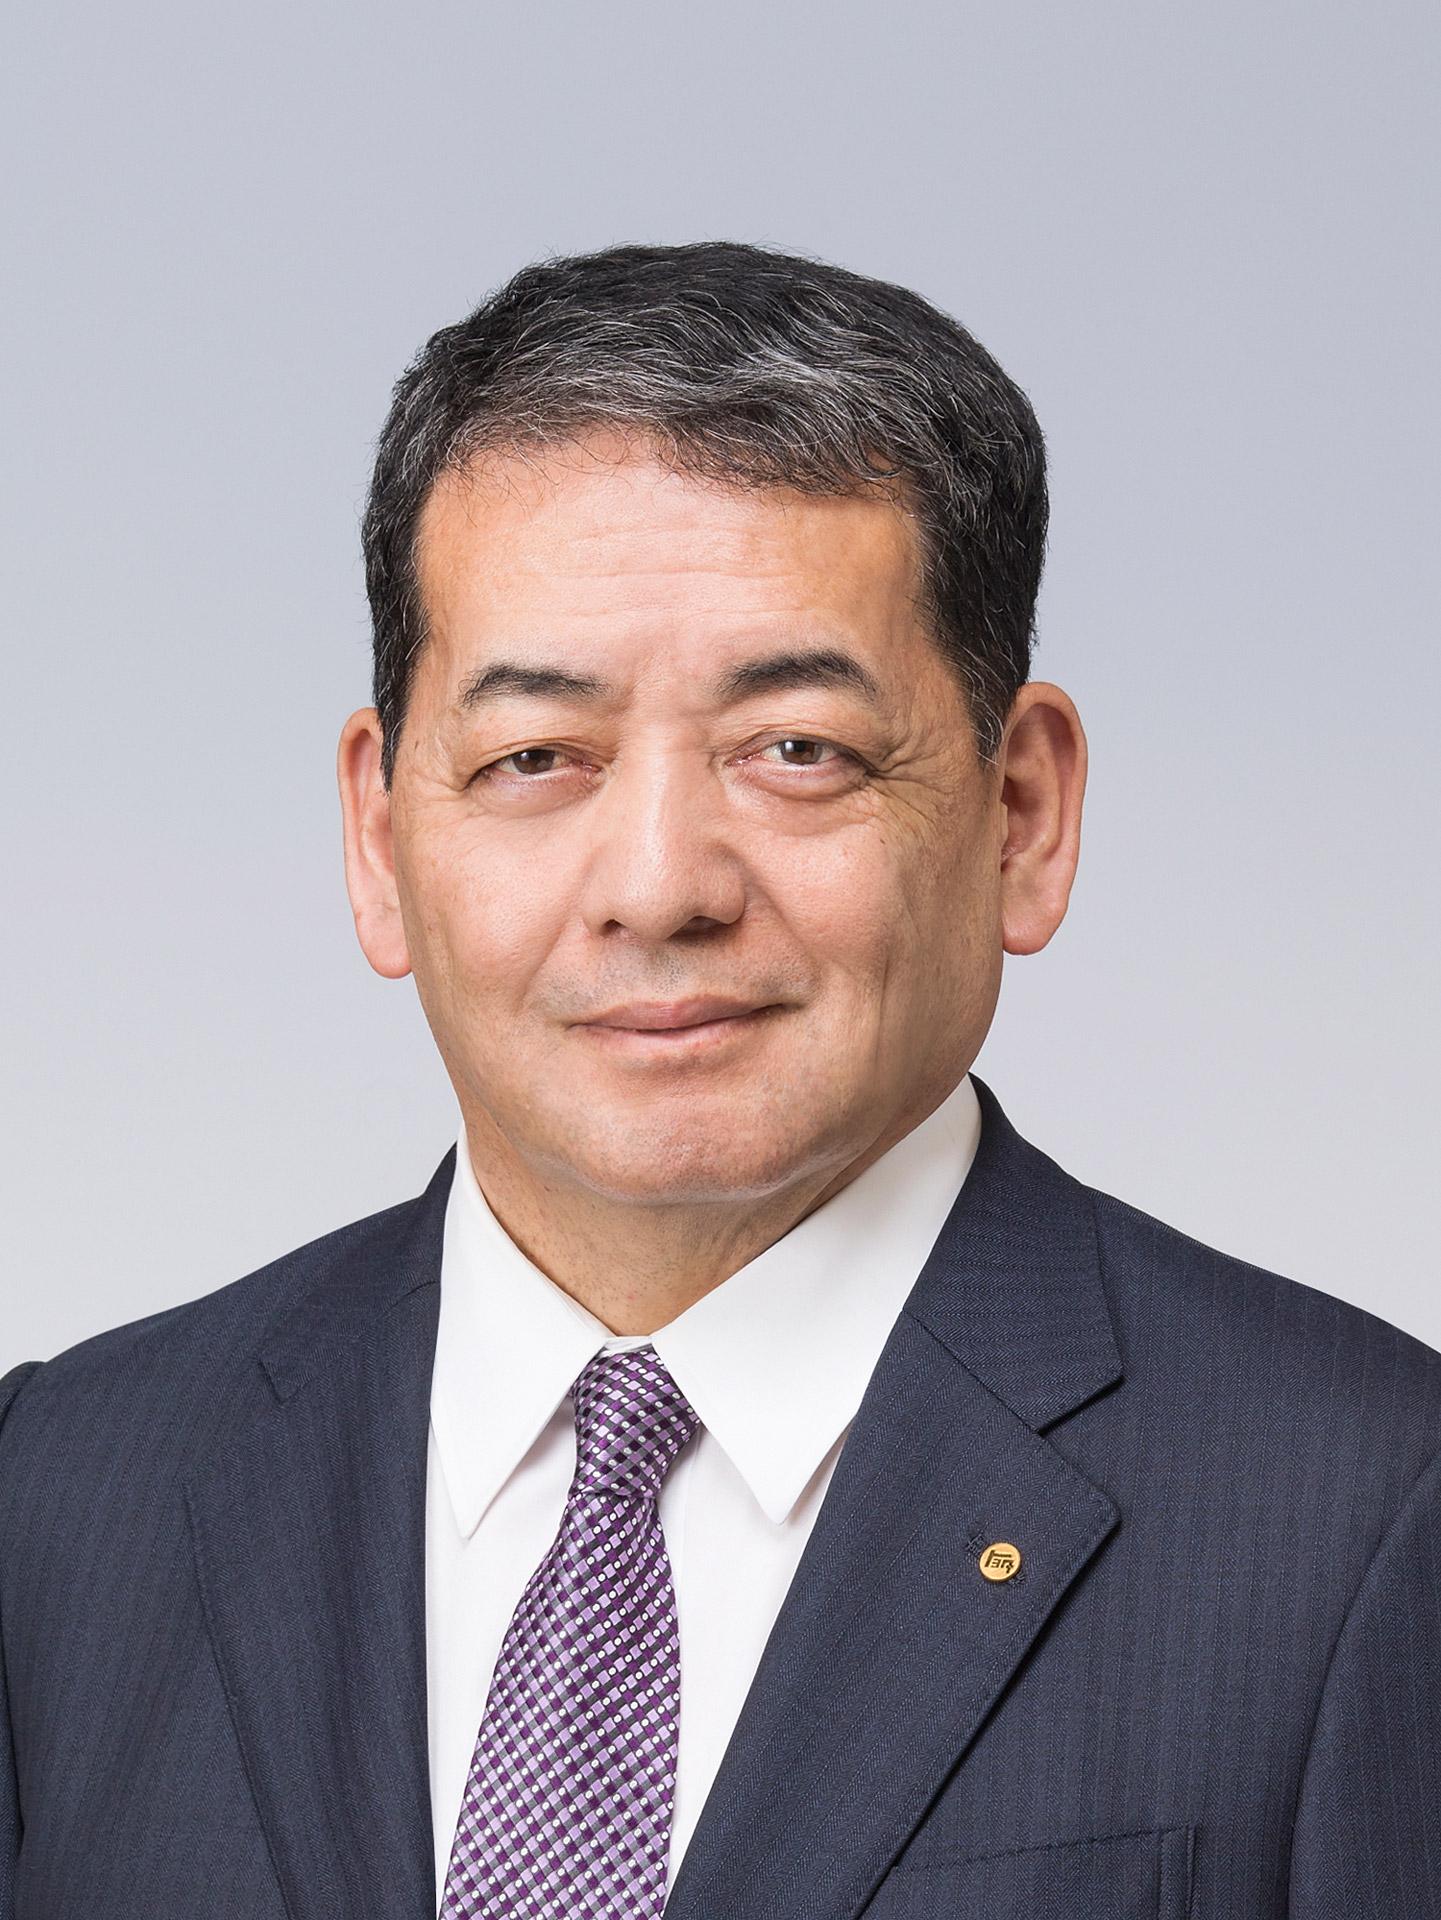 Shigeki Terashi, Member of the Board of Directors | Member